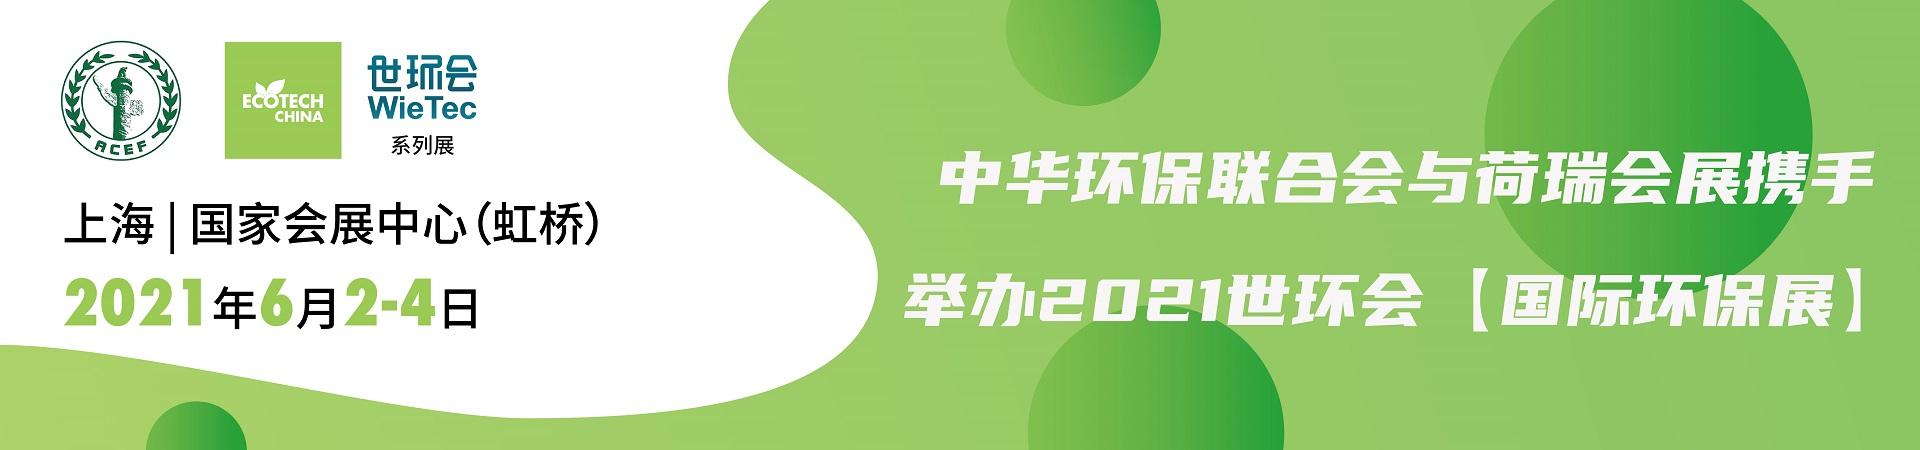 世環會banner